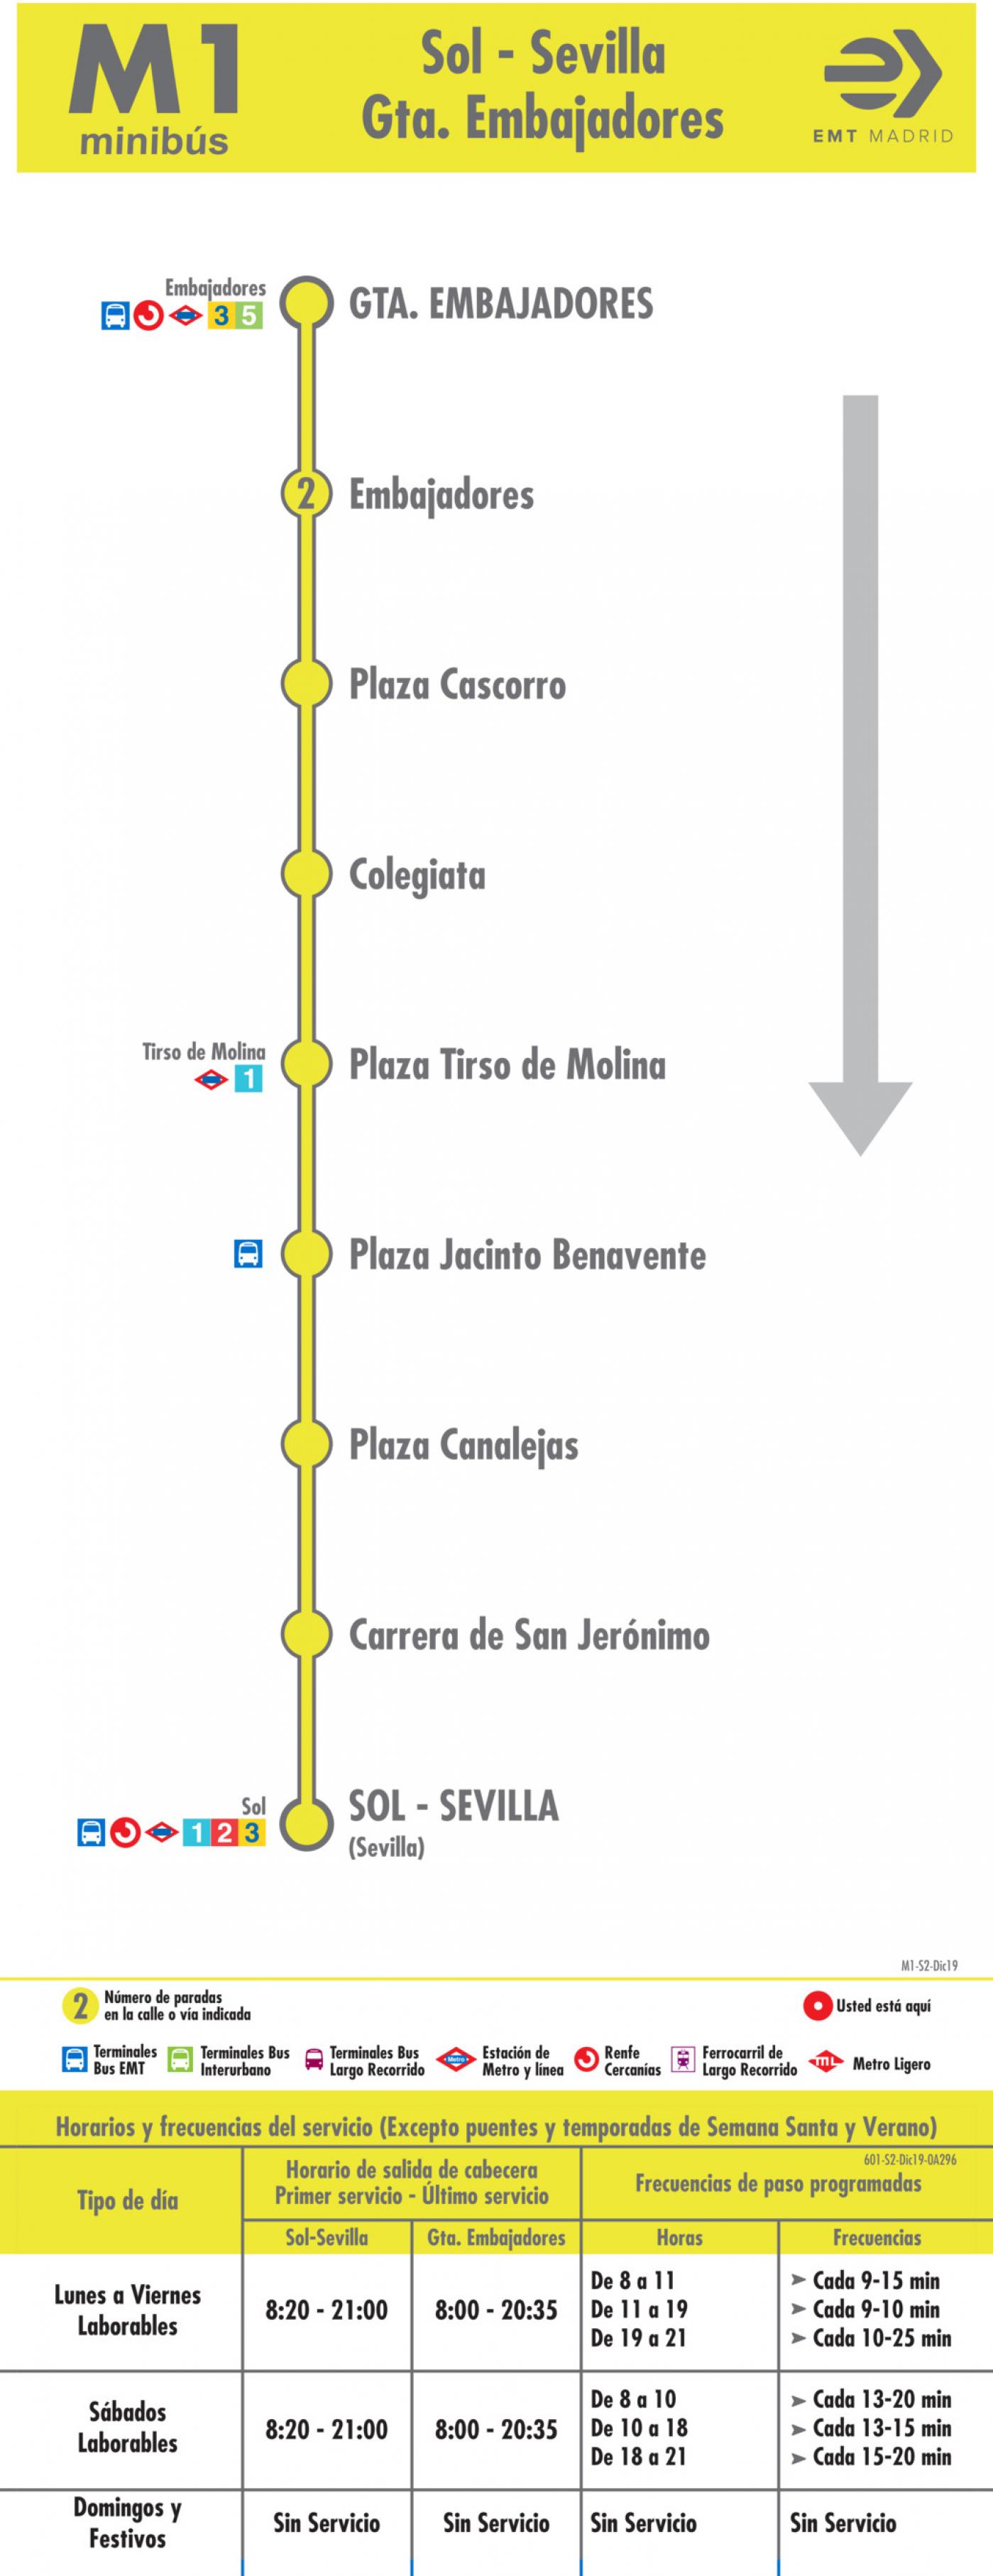 Tabla de horarios y frecuencias de paso en sentido vuelta Línea M1: Sevilla - Glorieta de Embajadores